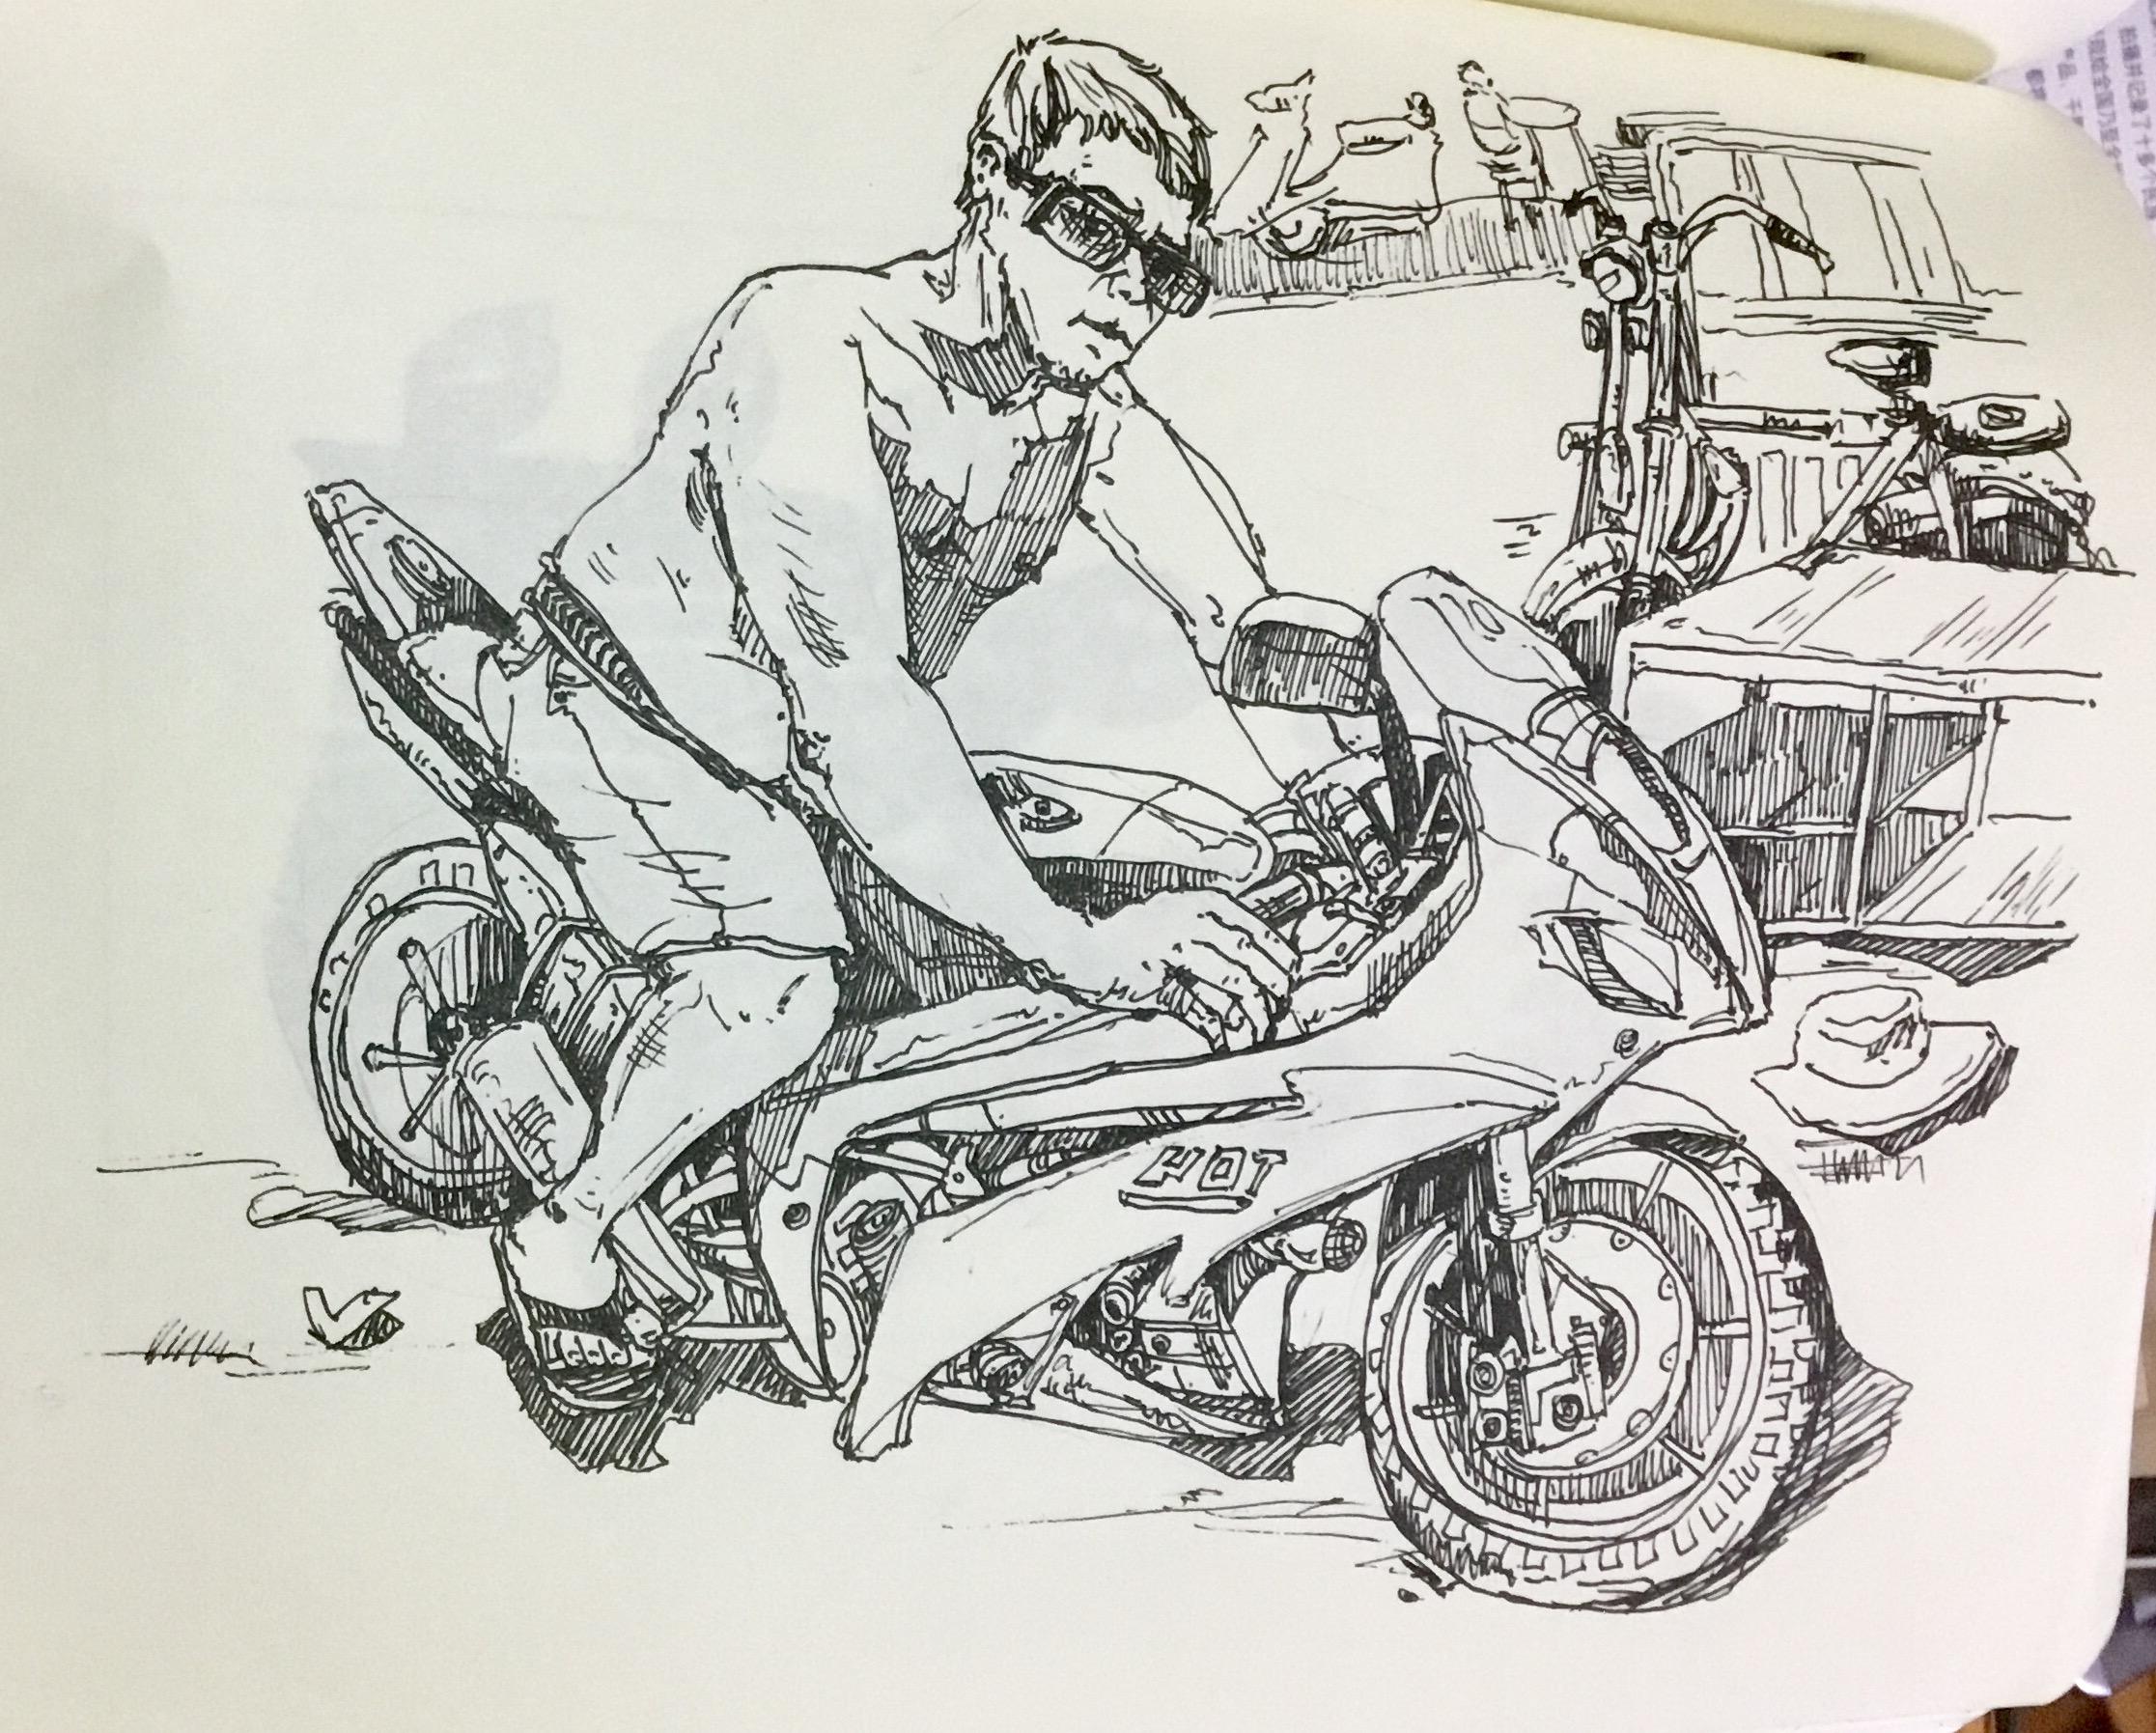 我的手绘小本子|纯艺术|速写|潜望镜工作室 - 原创